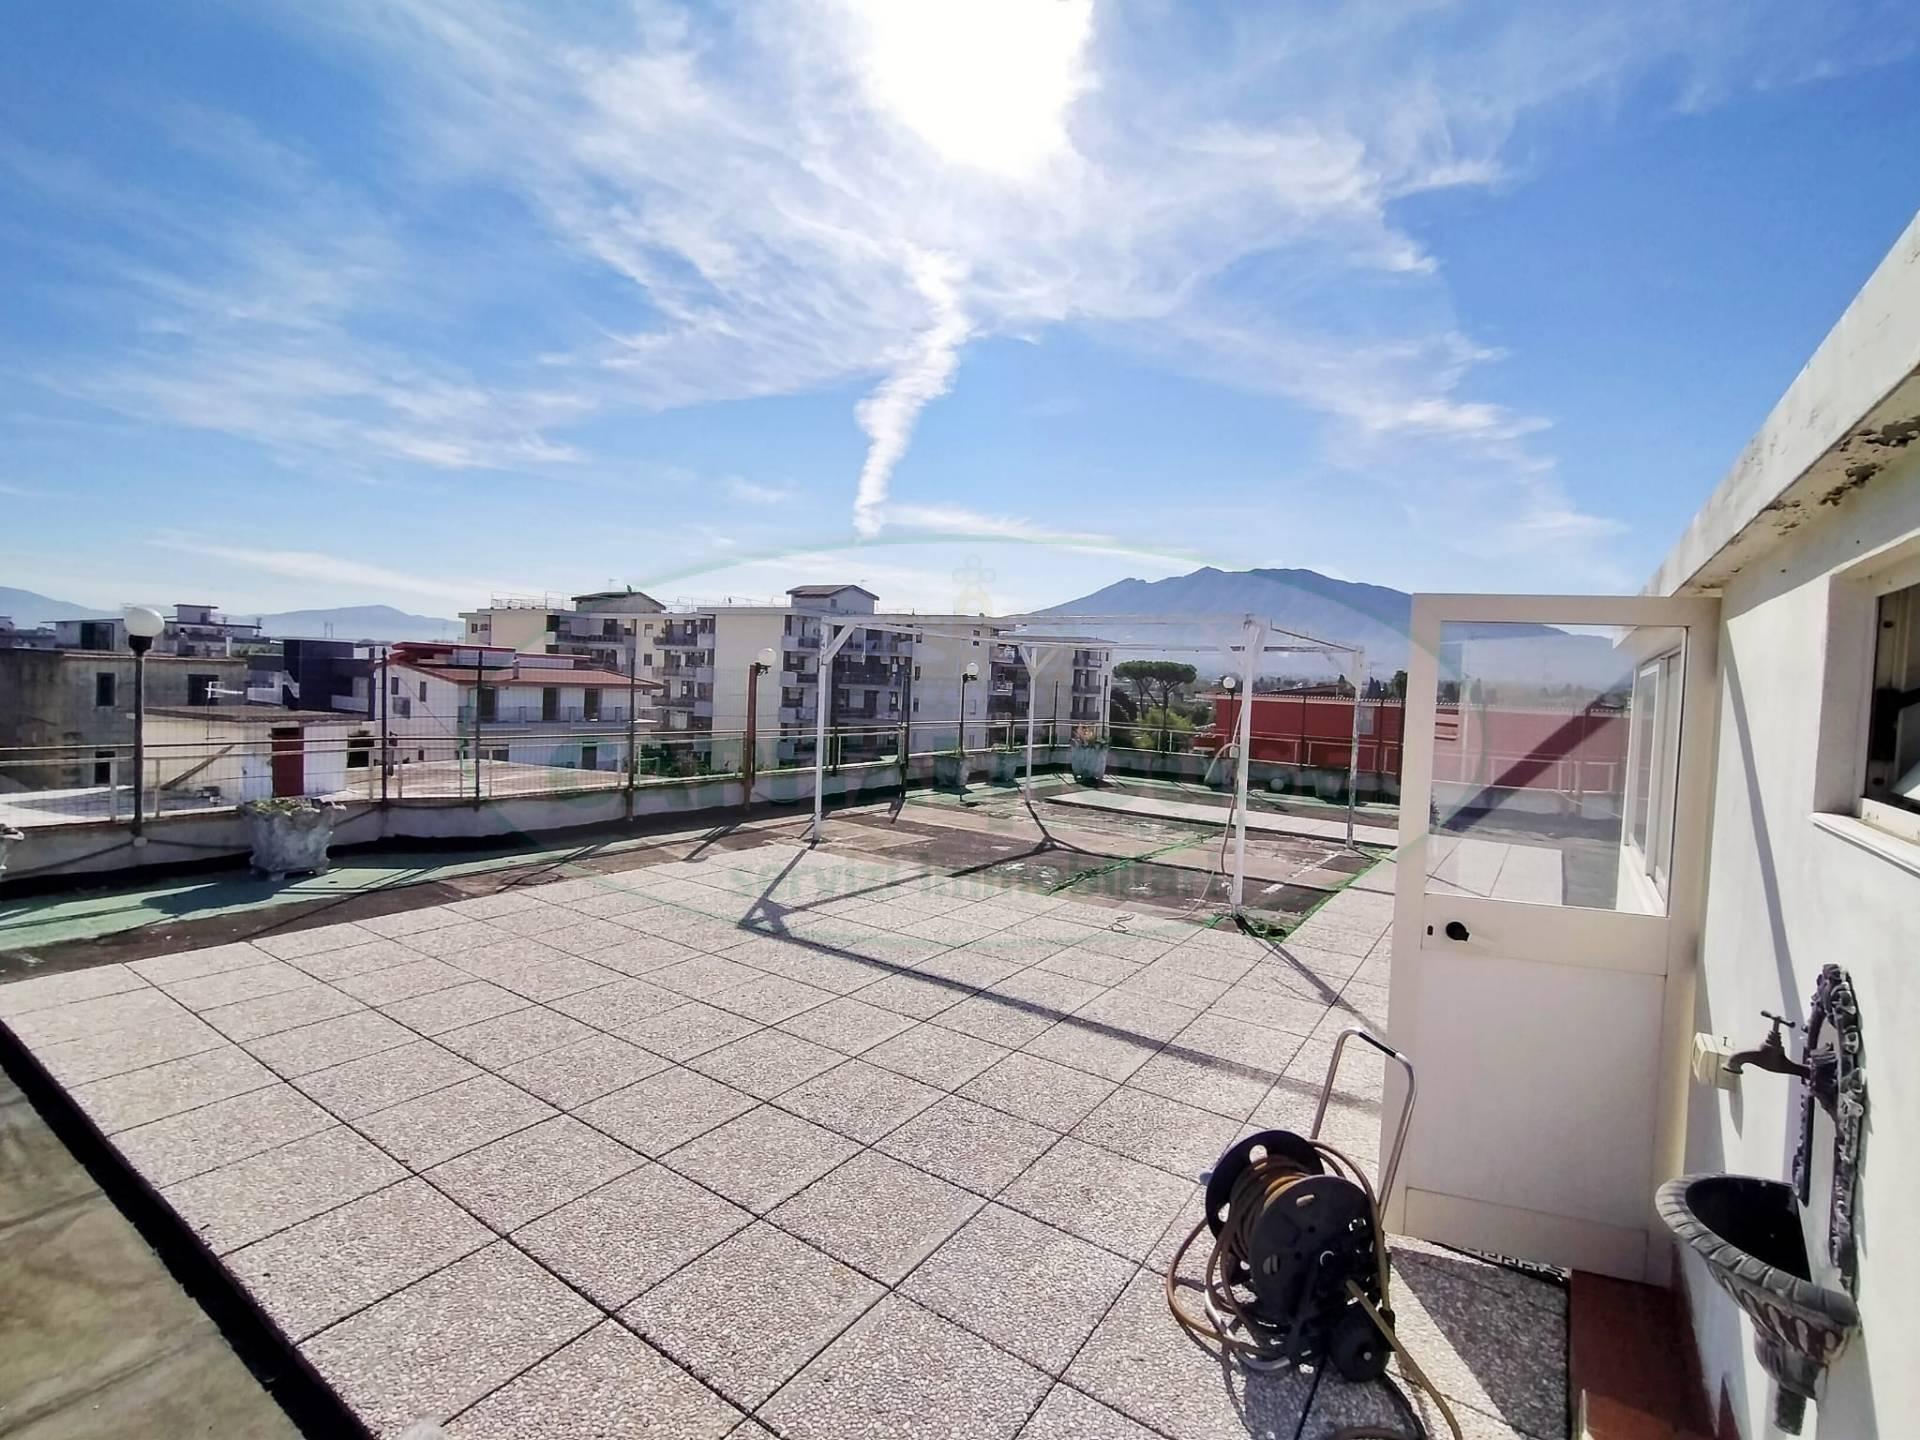 Appartamento in vendita a Pomigliano d'Arco, 1 locali, prezzo € 55.000 | PortaleAgenzieImmobiliari.it